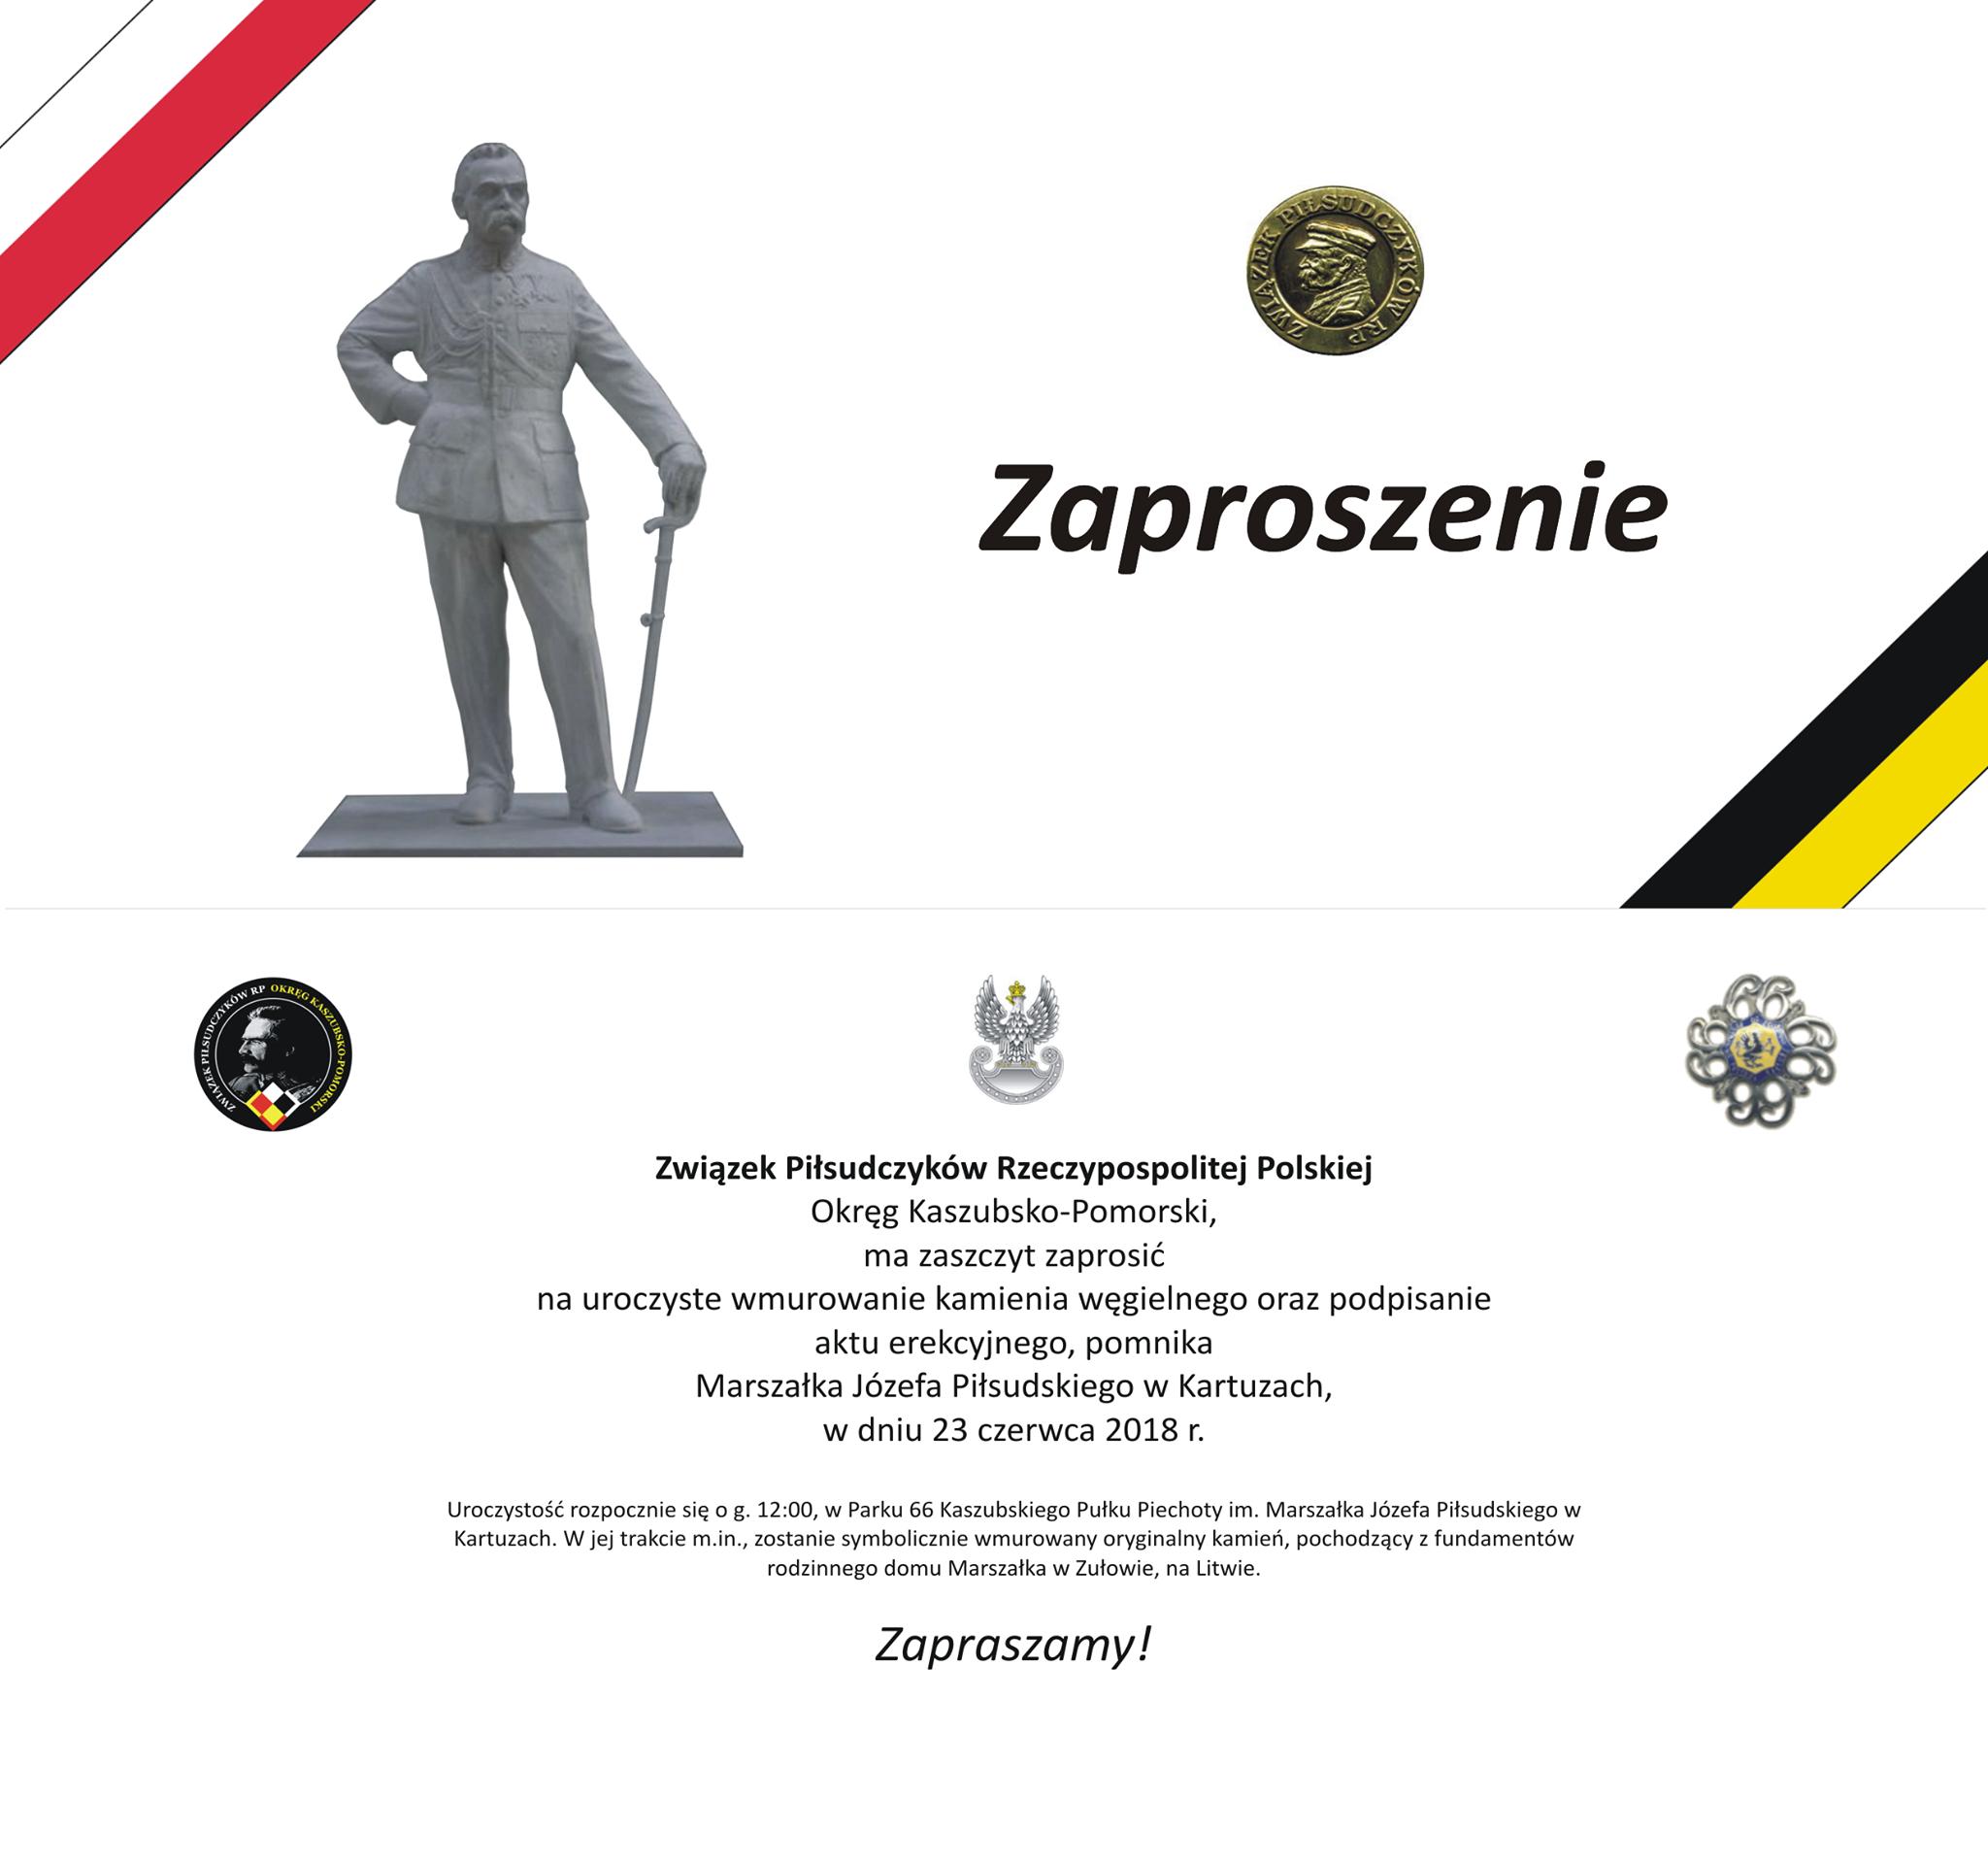 Wmurowanie kamienia węgielnego - Pomnik Józef Piłsudskiego w Kartuzach